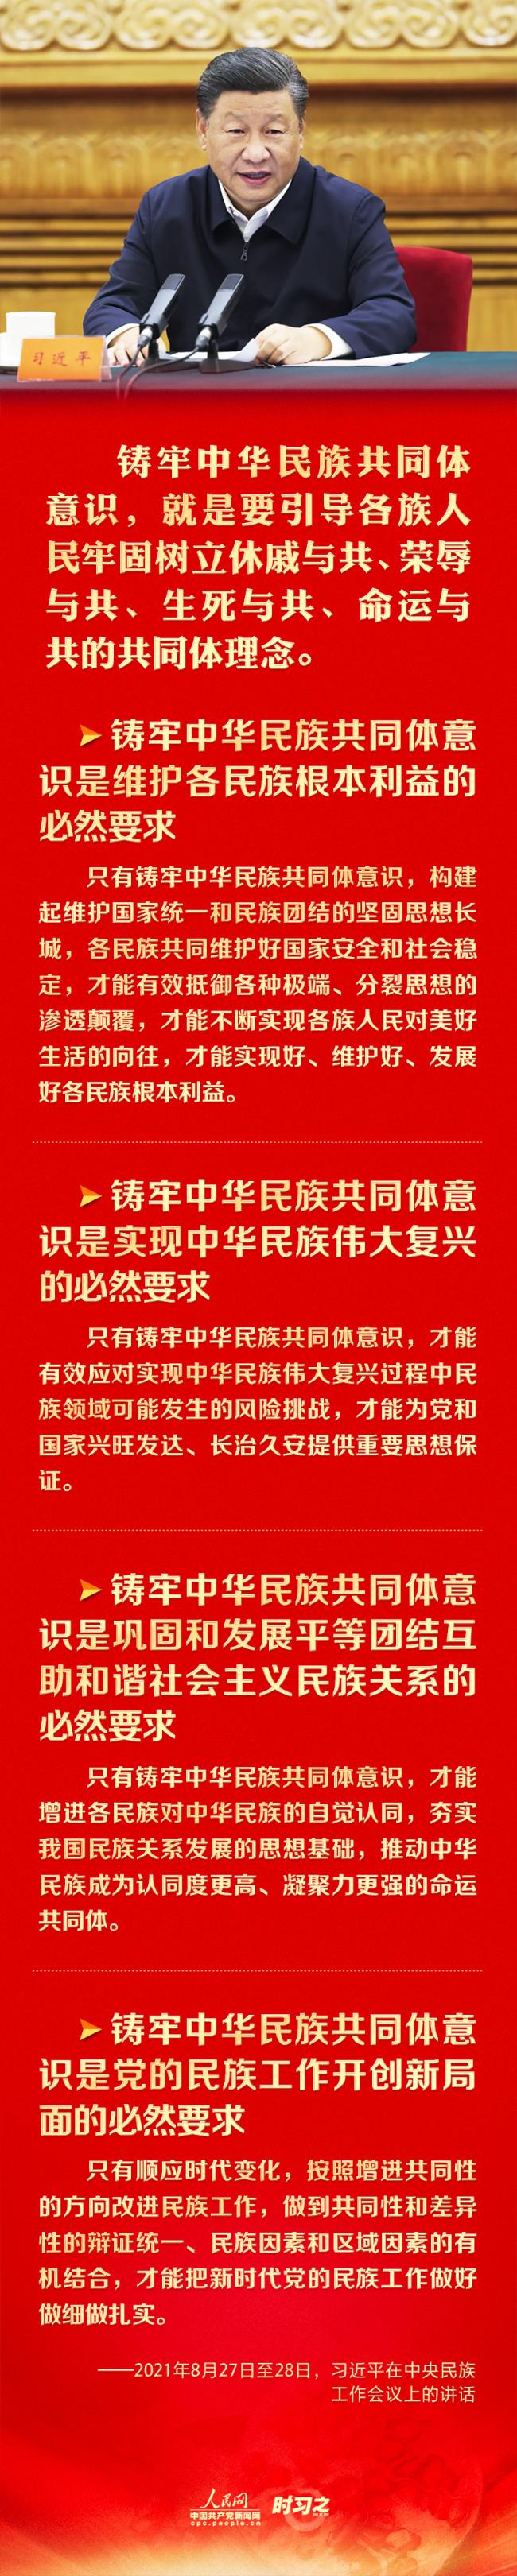 """铸牢中华民族共同体意识 习近平强调这四个""""必然要求"""""""